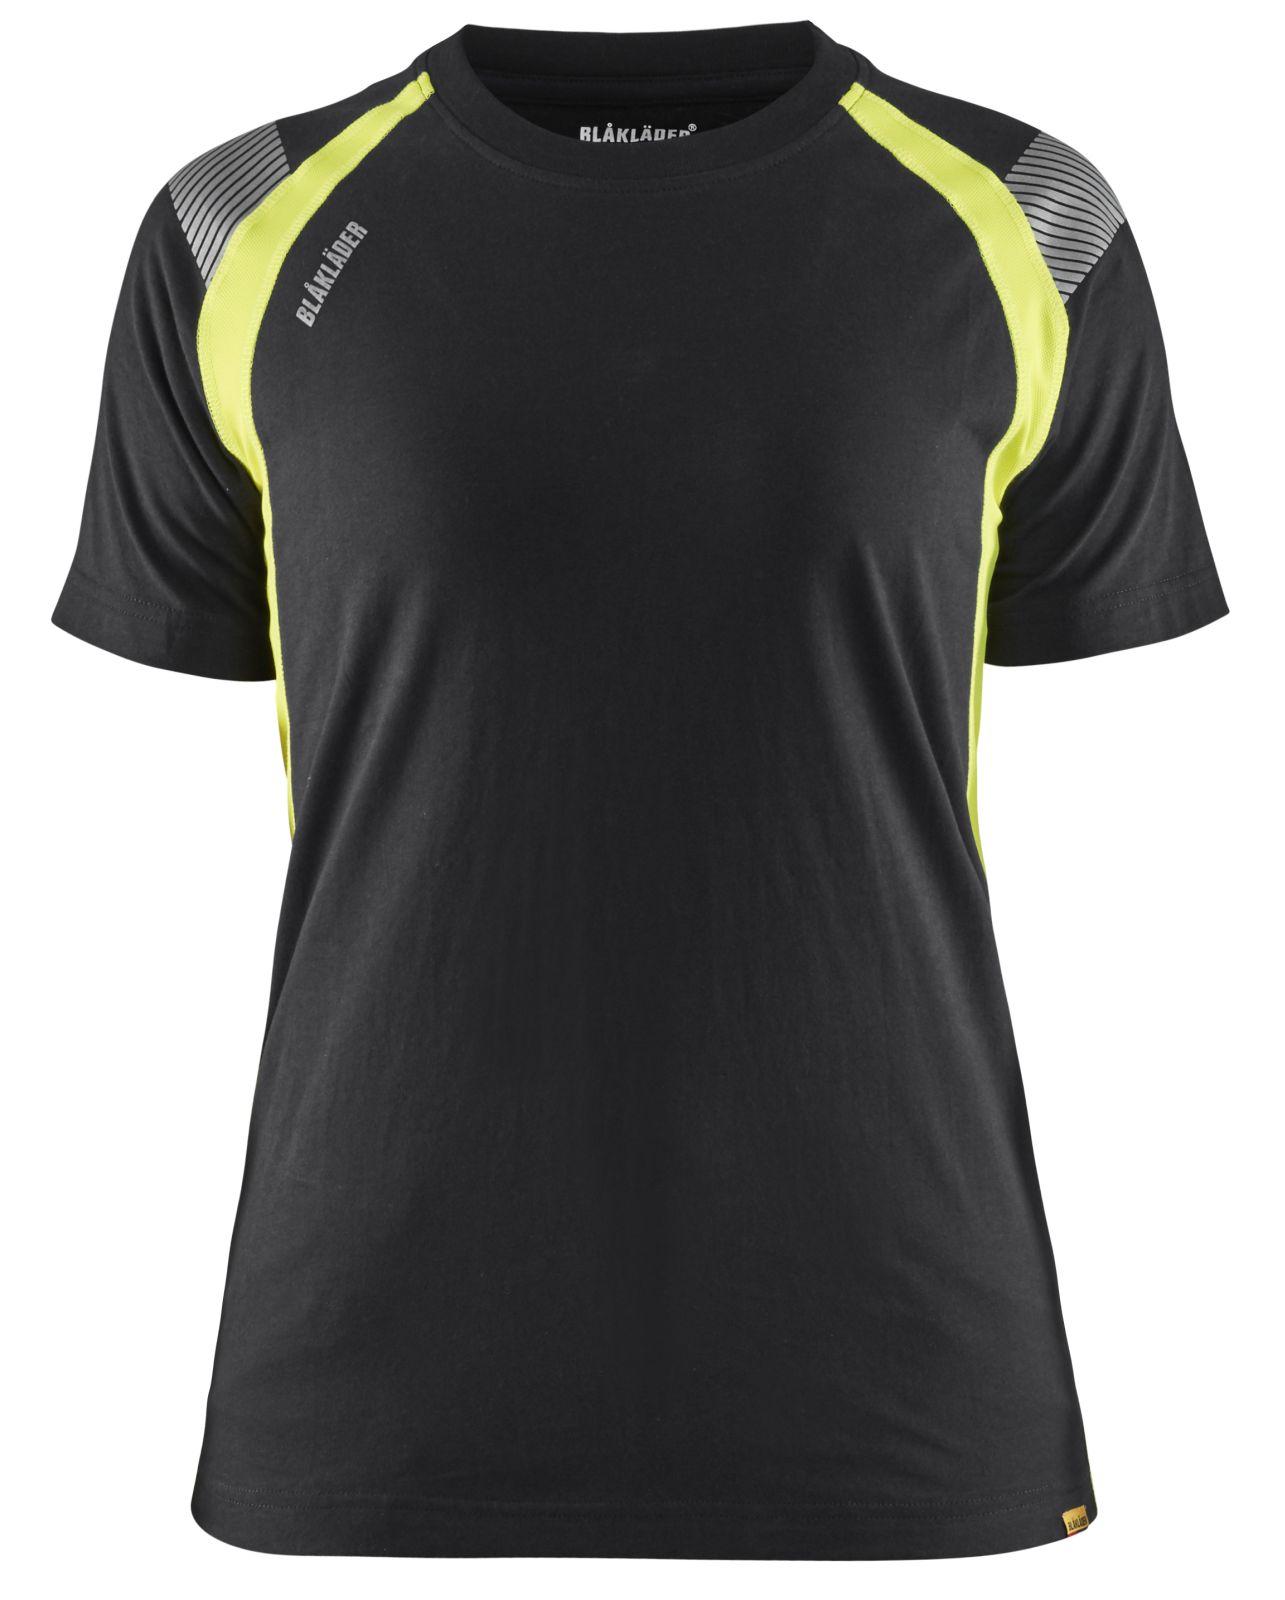 Blaklader T-shirts 34021030 zwart-fluo geel(9933)